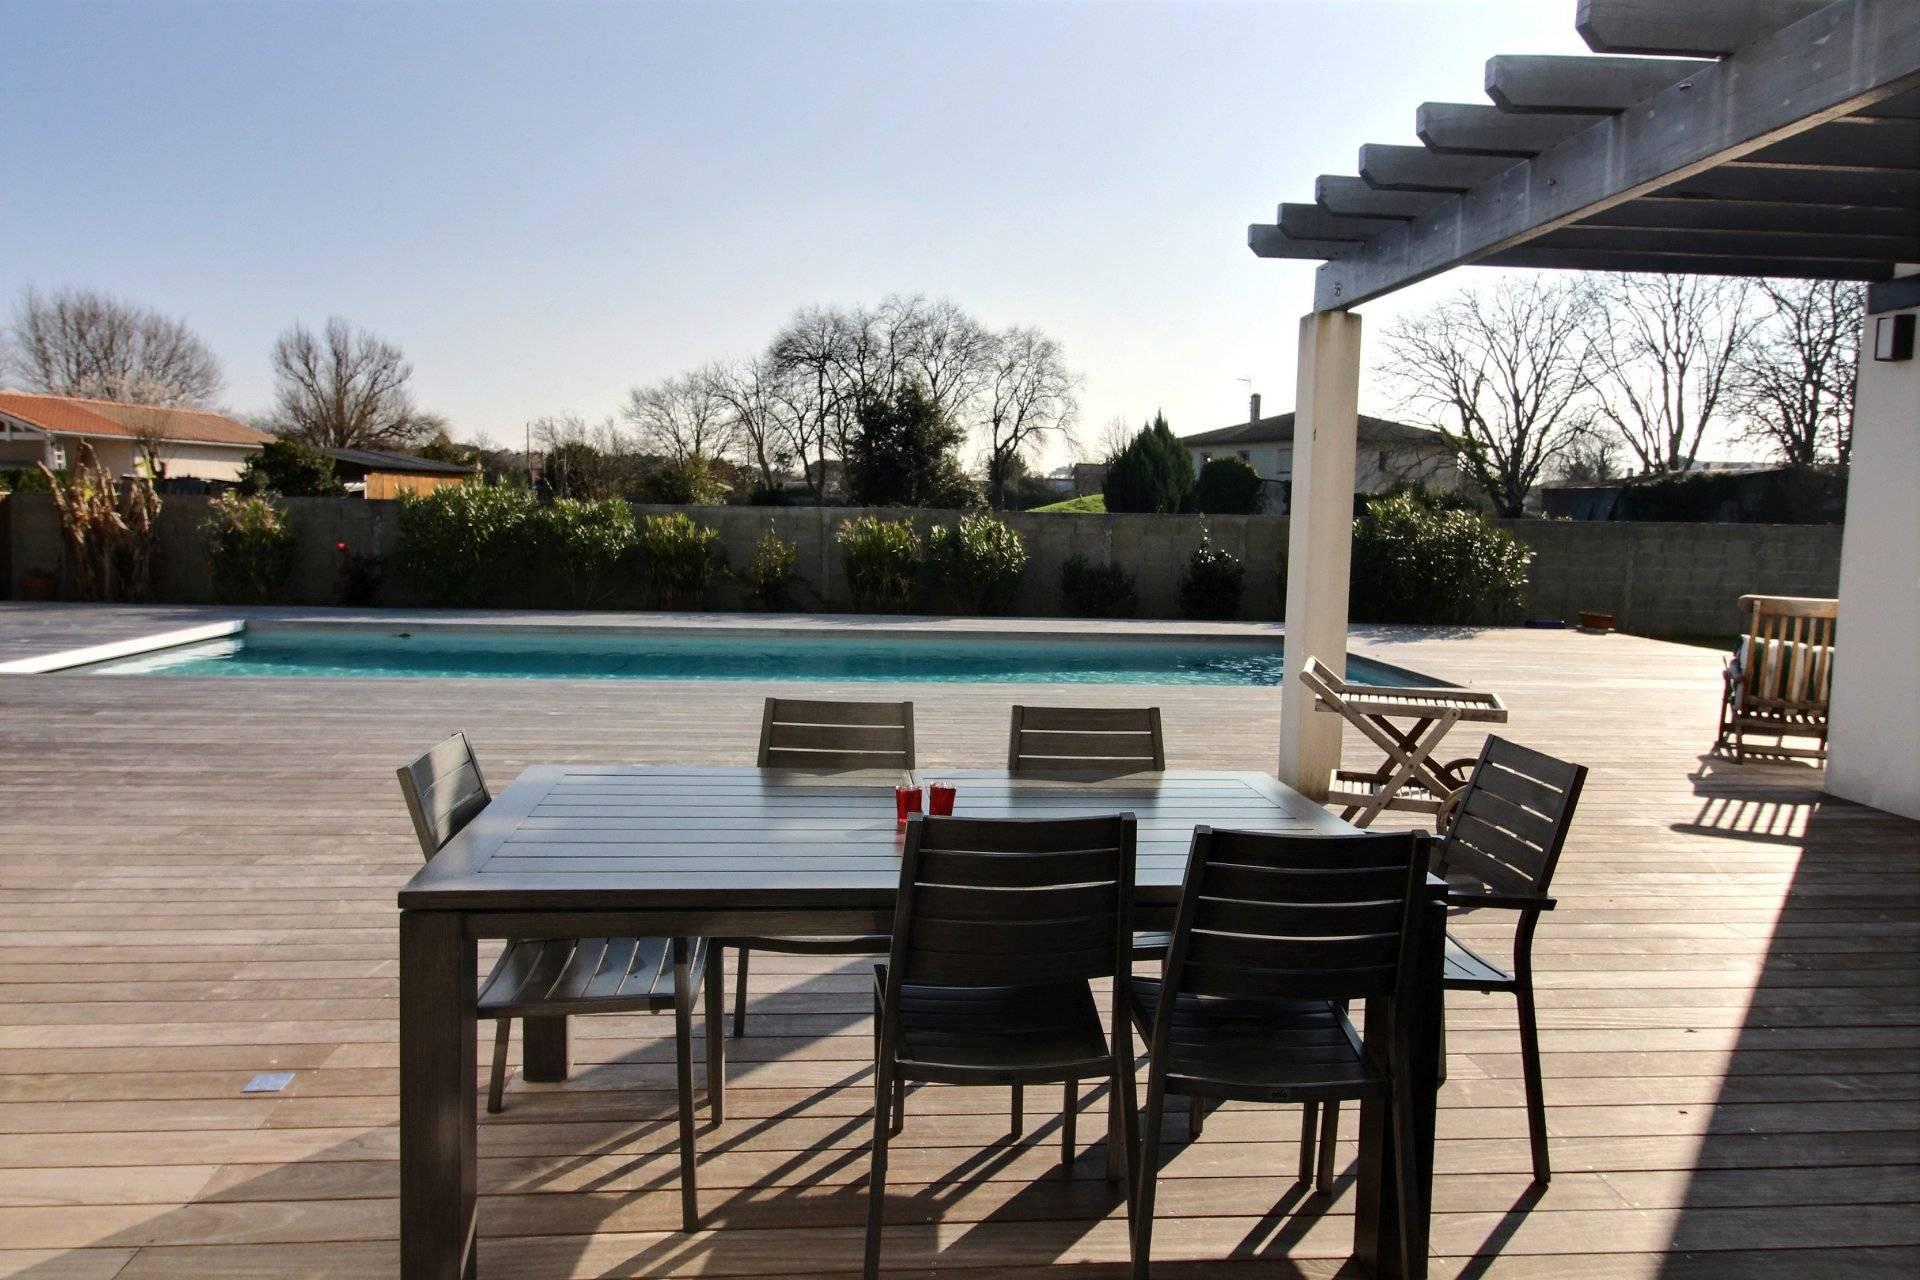 Recherche villa contemporaine 4 chambres avec piscine GUJAN-MESTRAS